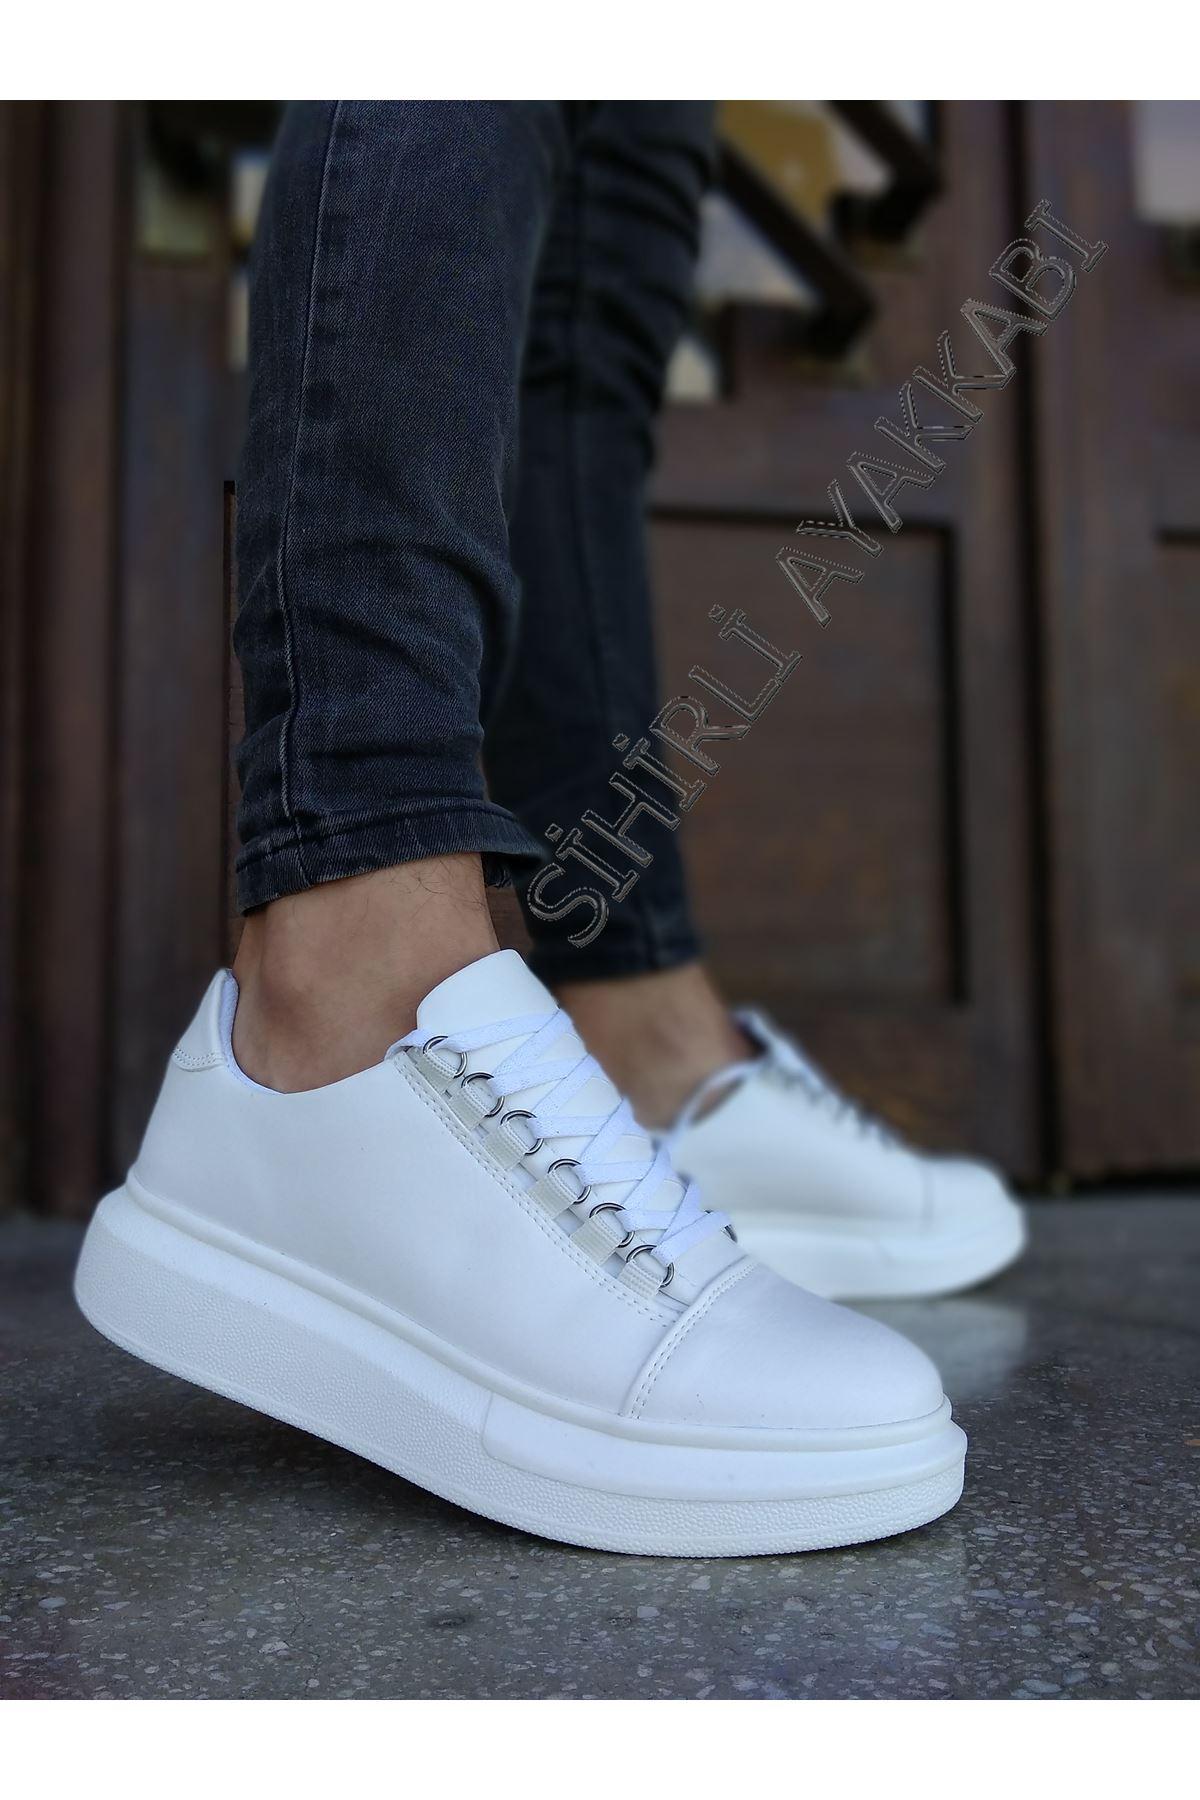 Boy Uzatan Beyaz Kancalı Yüksek Taban Erkek Spor Ayakkabı